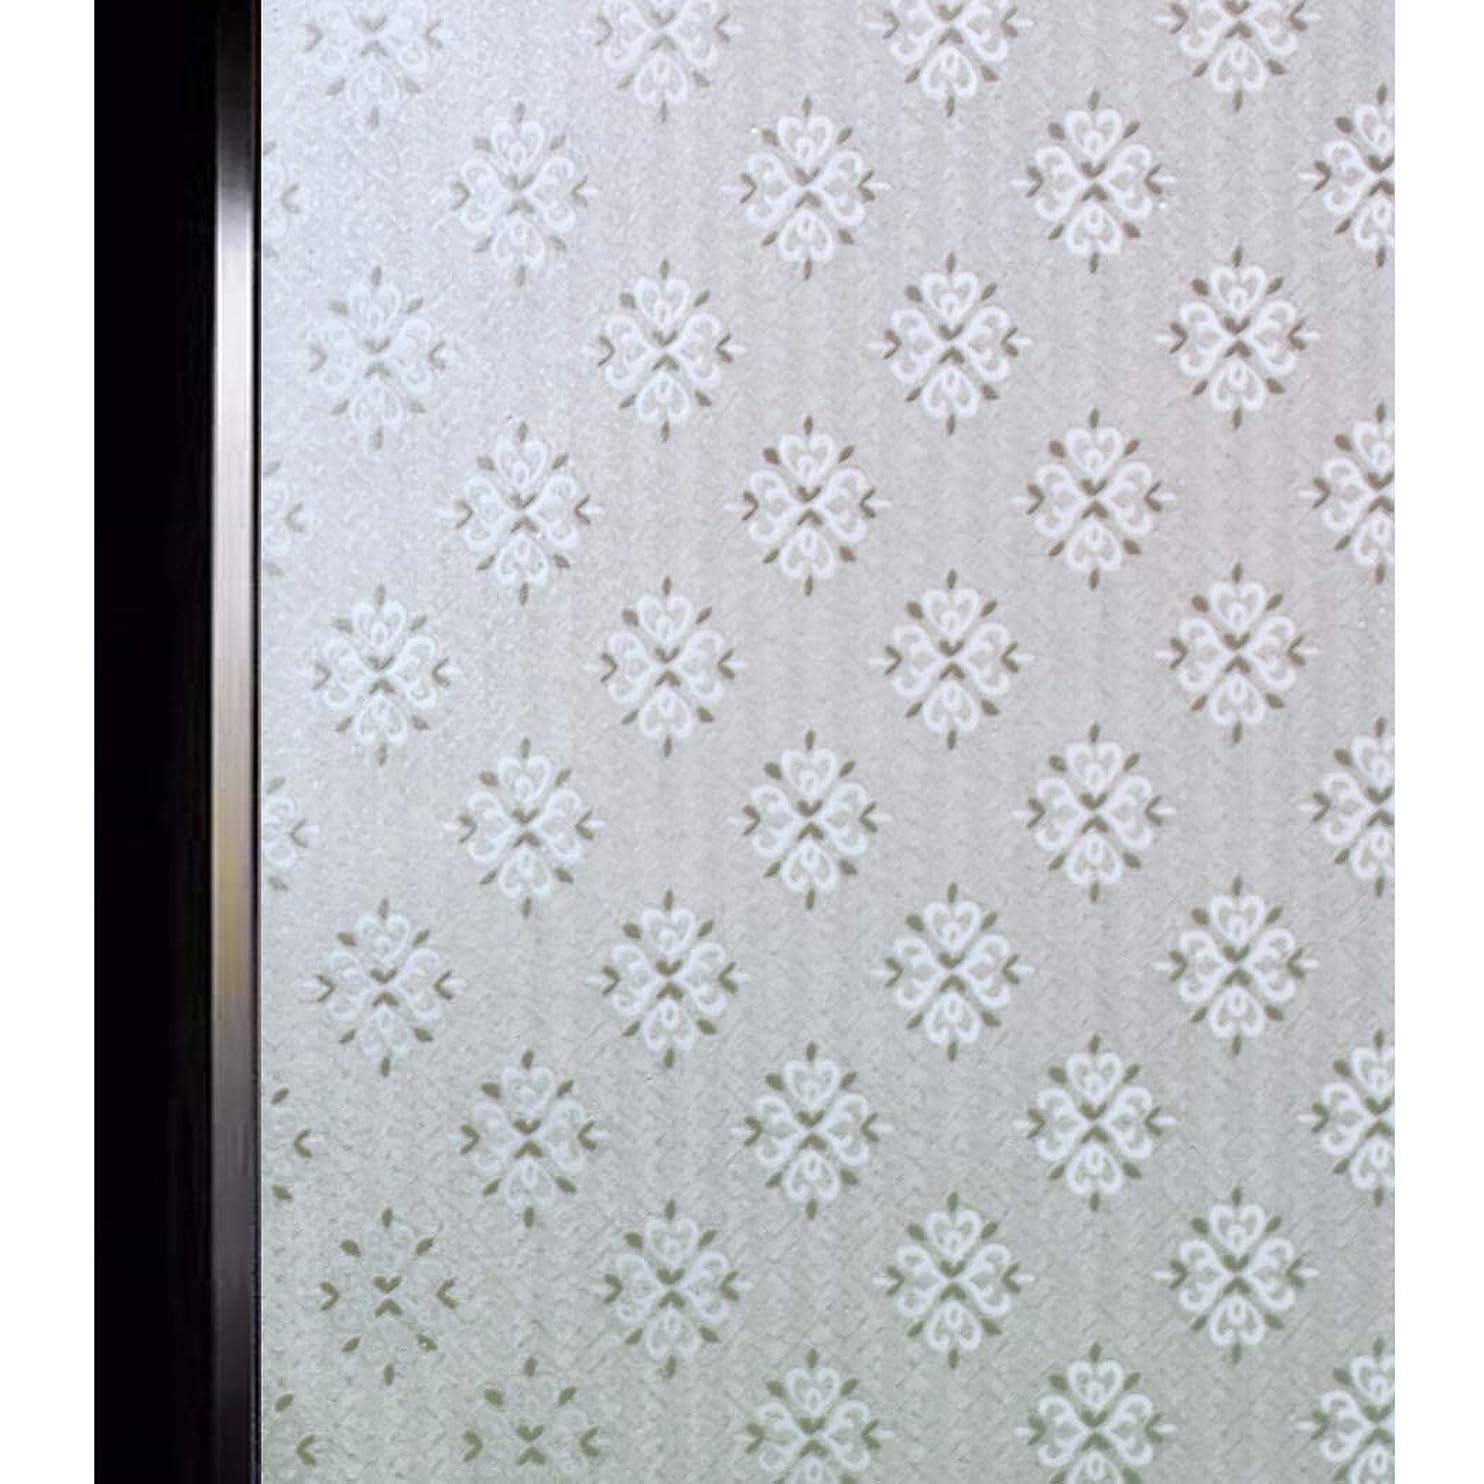 アクチュエータ敬意めったにDUOFIRE 窓 めかくしシート 窓ガラス 目隠しシート 窓用フィルム 窓ガラスフィルム ステンドグラス シール はがせる 断熱 紫外線UVカット 飛散防止 浴室 風呂 玄関目隠し 水で貼る 貼り直し可能 おしゃれ 北欧花柄 (0.6M X 2M) DF258-001